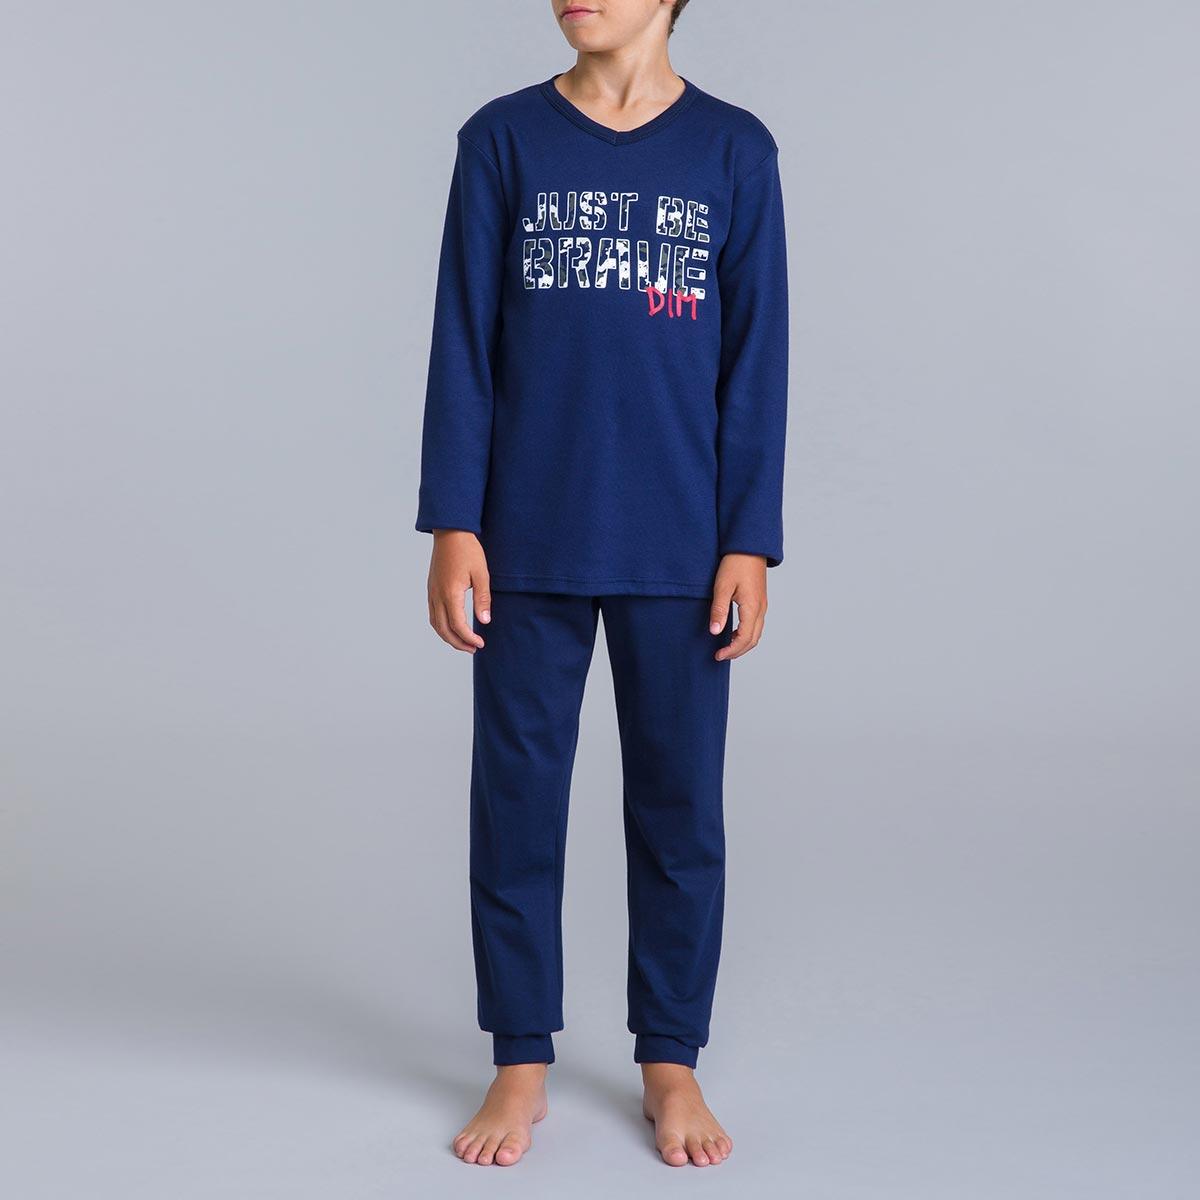 Pyjama 2 pièces bleu matelot DIM Camouflage